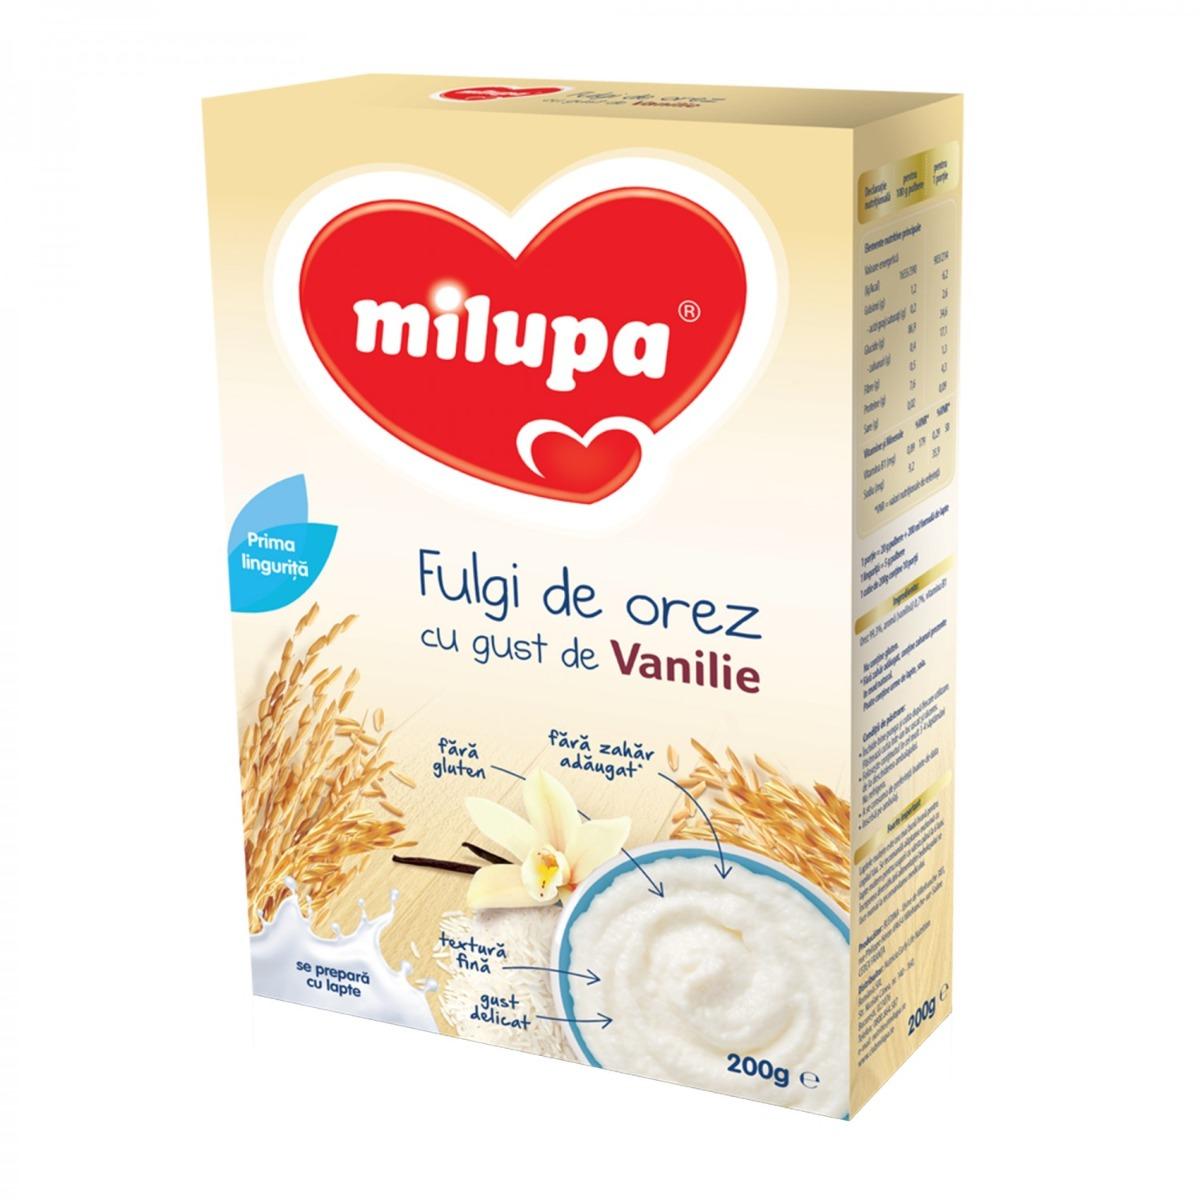 Cereale Milupa Fulgi de orez cu gust de vanilie 200g